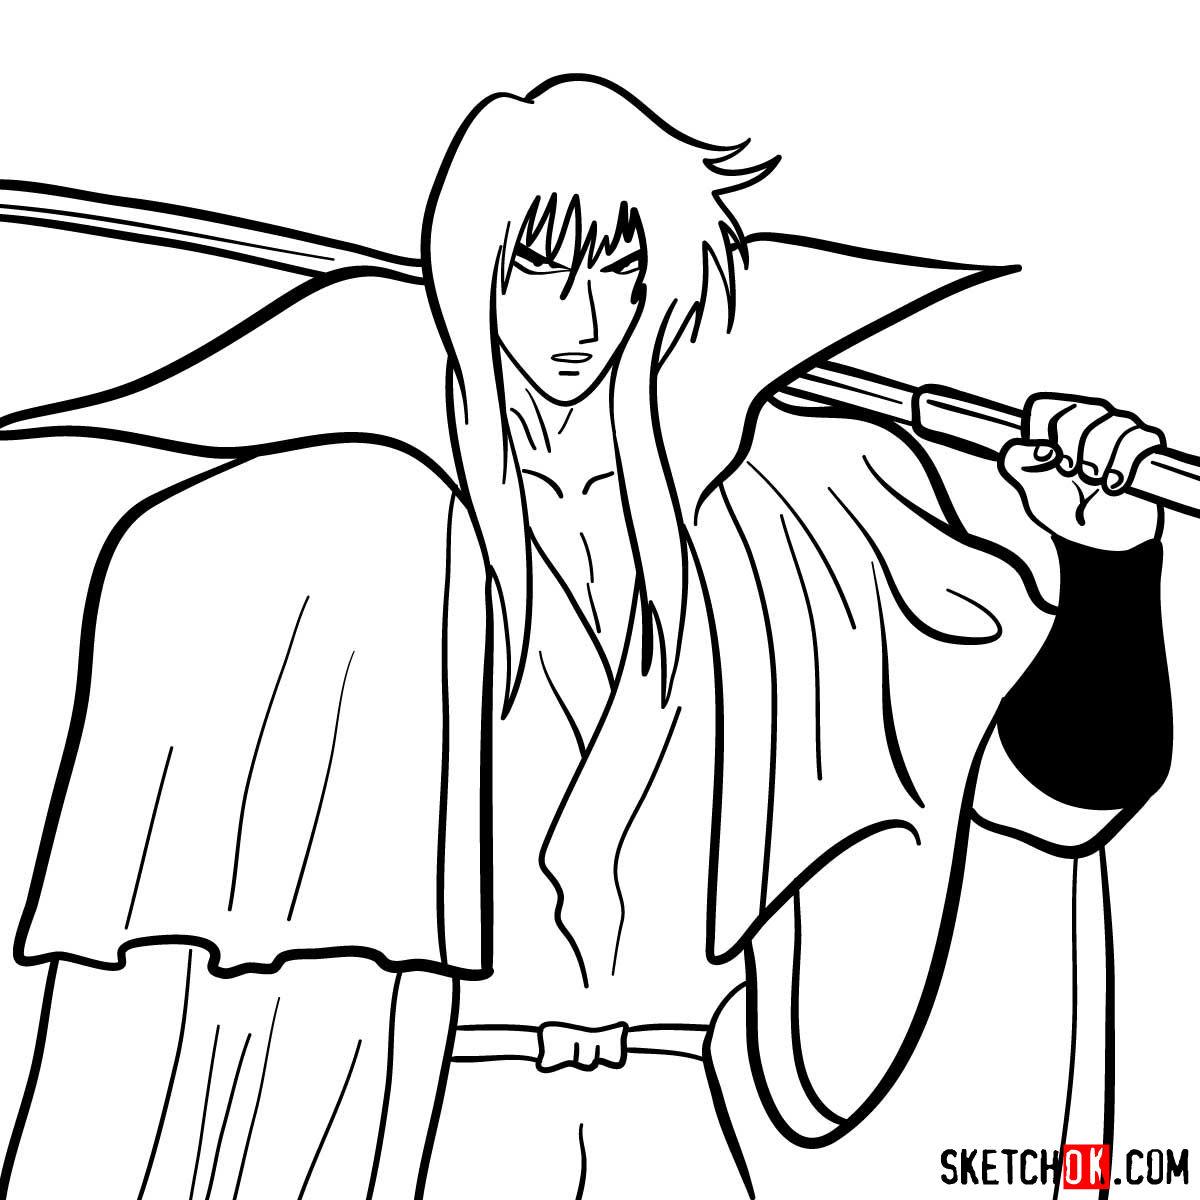 How to draw Hiko Seijuro XIII | Rurouni Kenshin